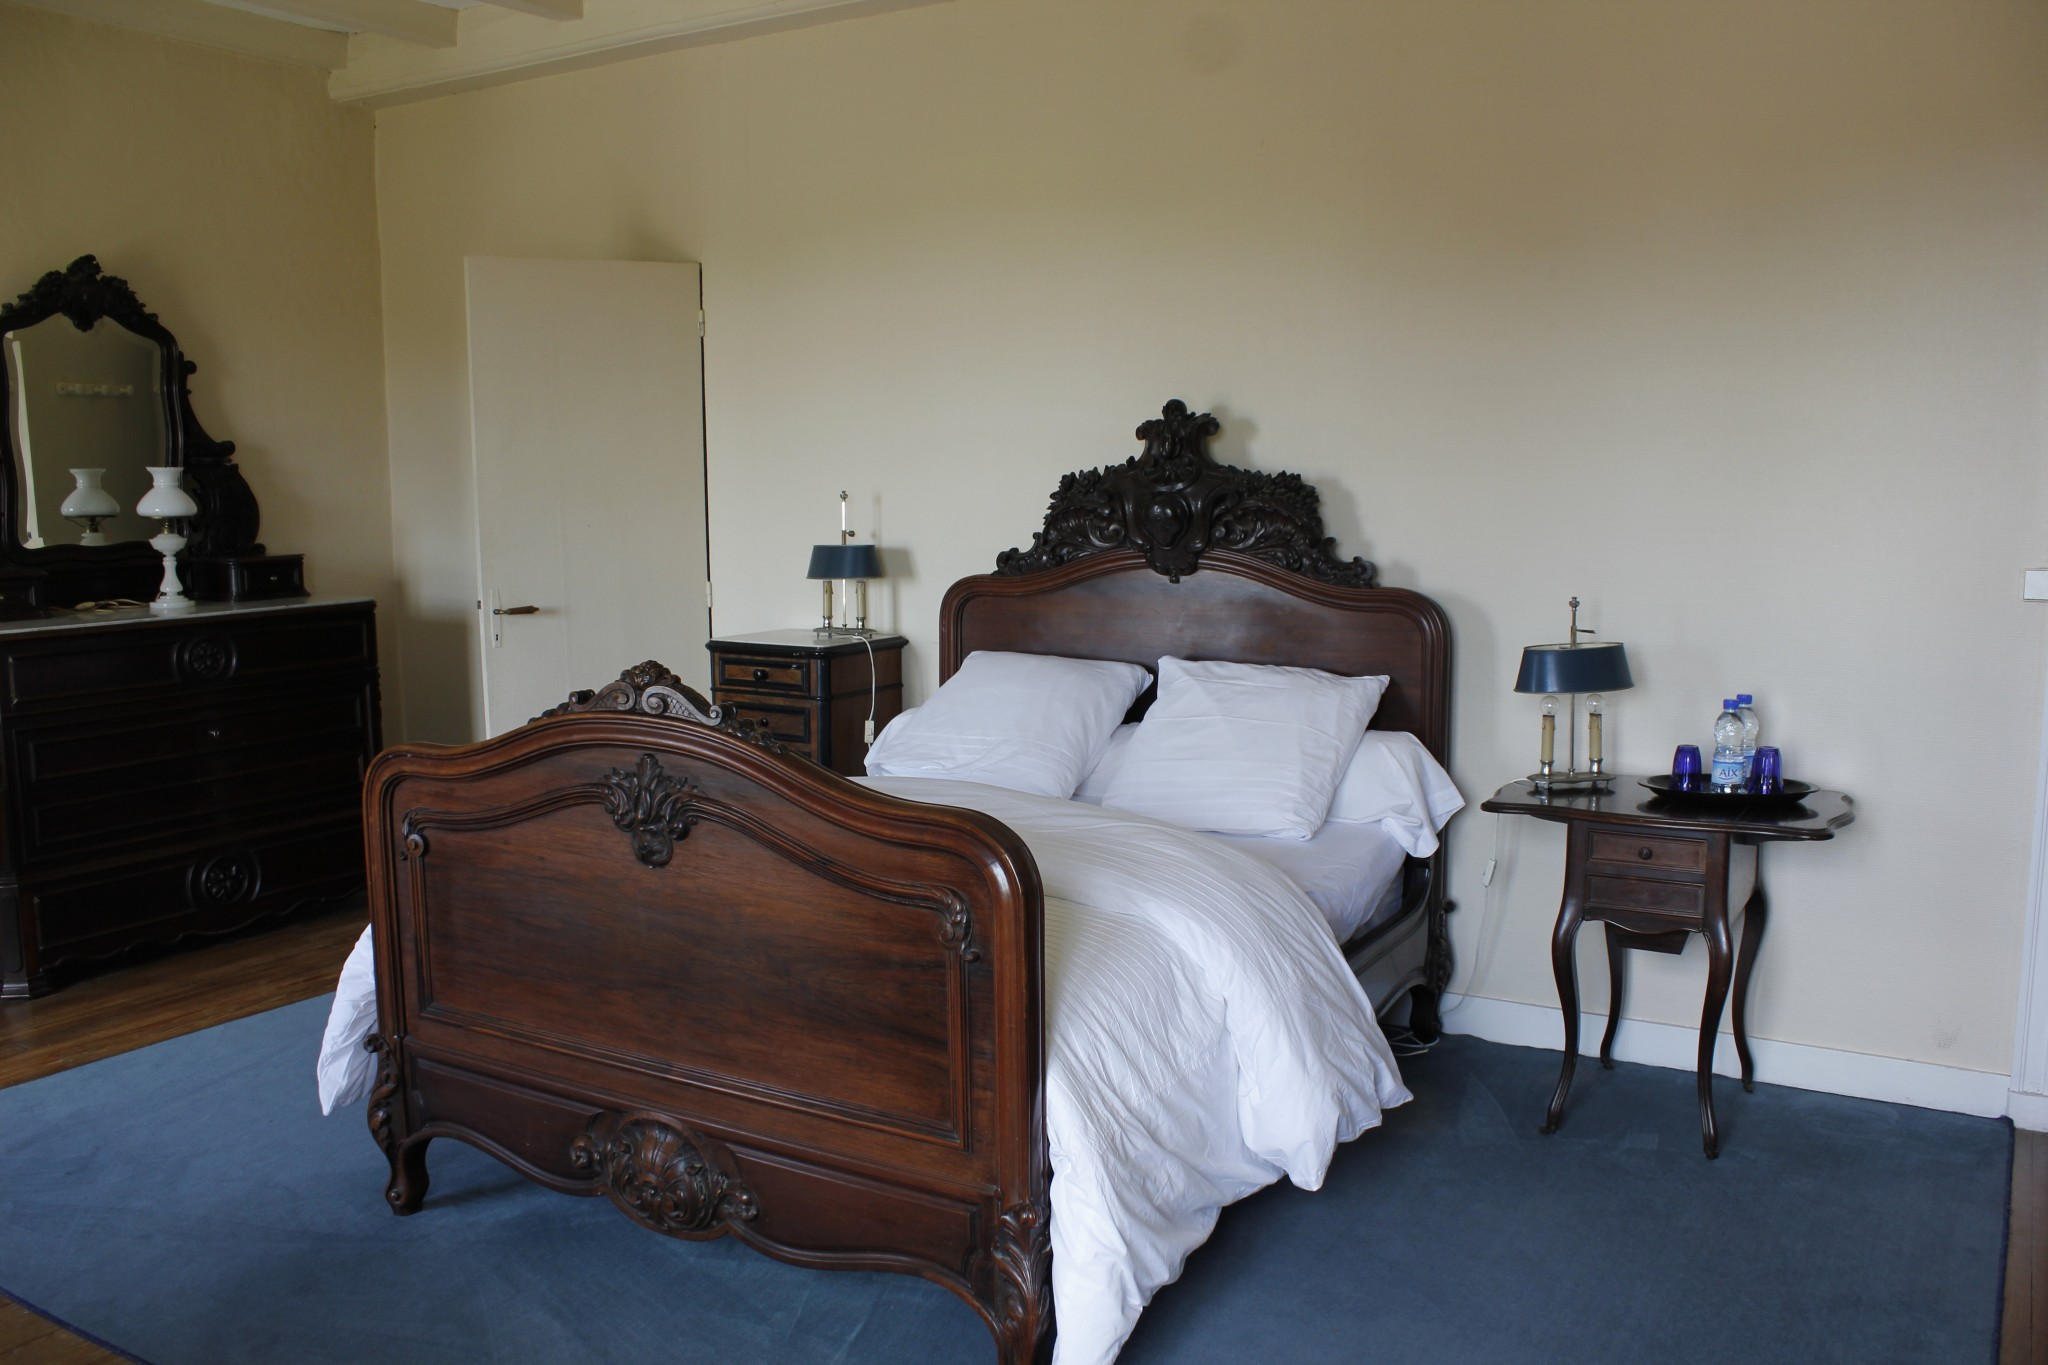 Chambres-d'hôtes-lit-double-bois